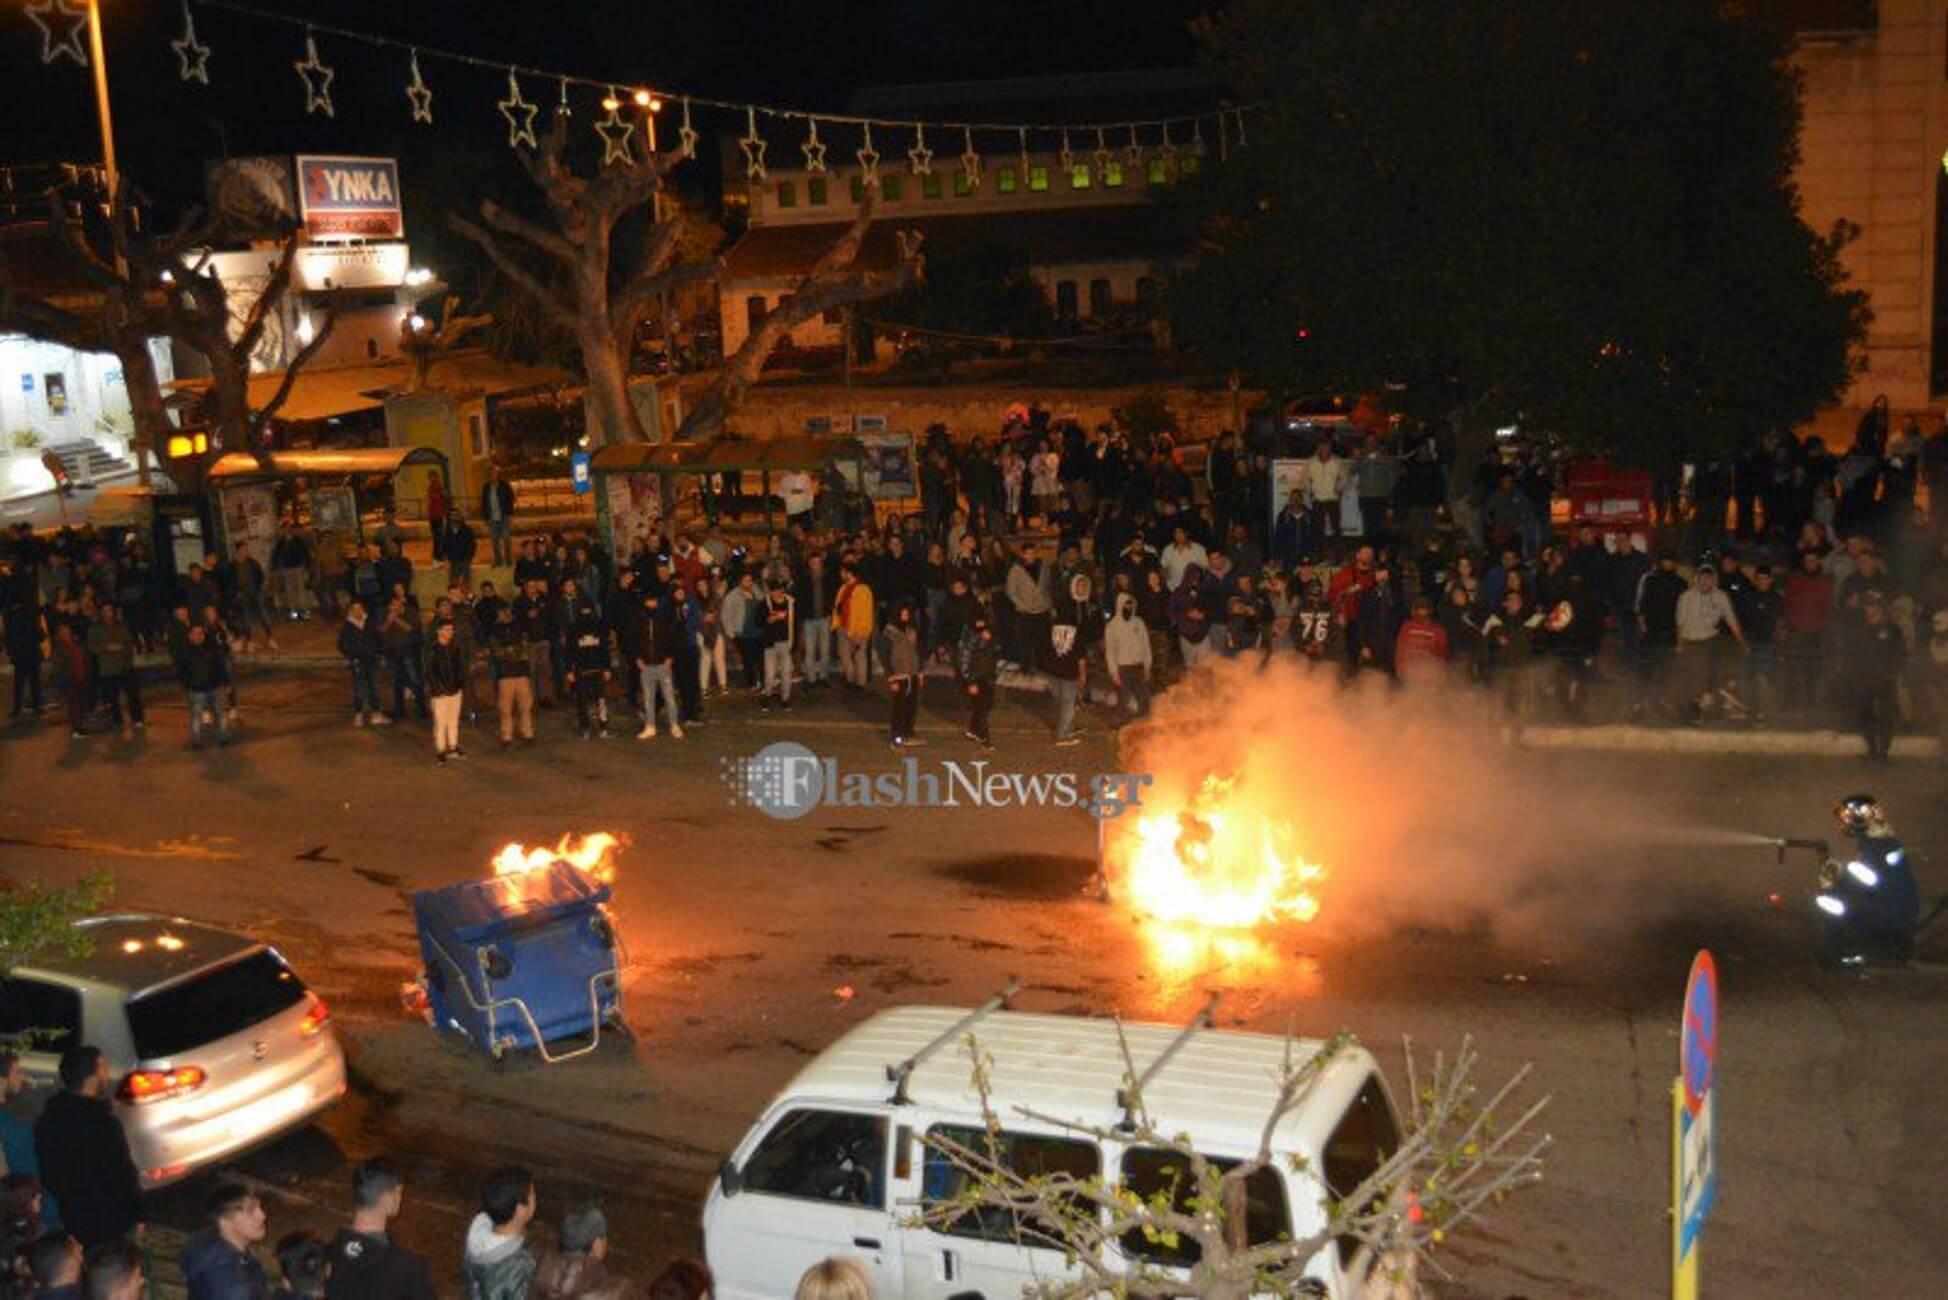 Χανιά: Οι κουκουλοφόροι δεν ήταν μόνο καρναβαλιστές – Επεισόδια και φωτιές μπροστά στην κάμερα [pics, video]